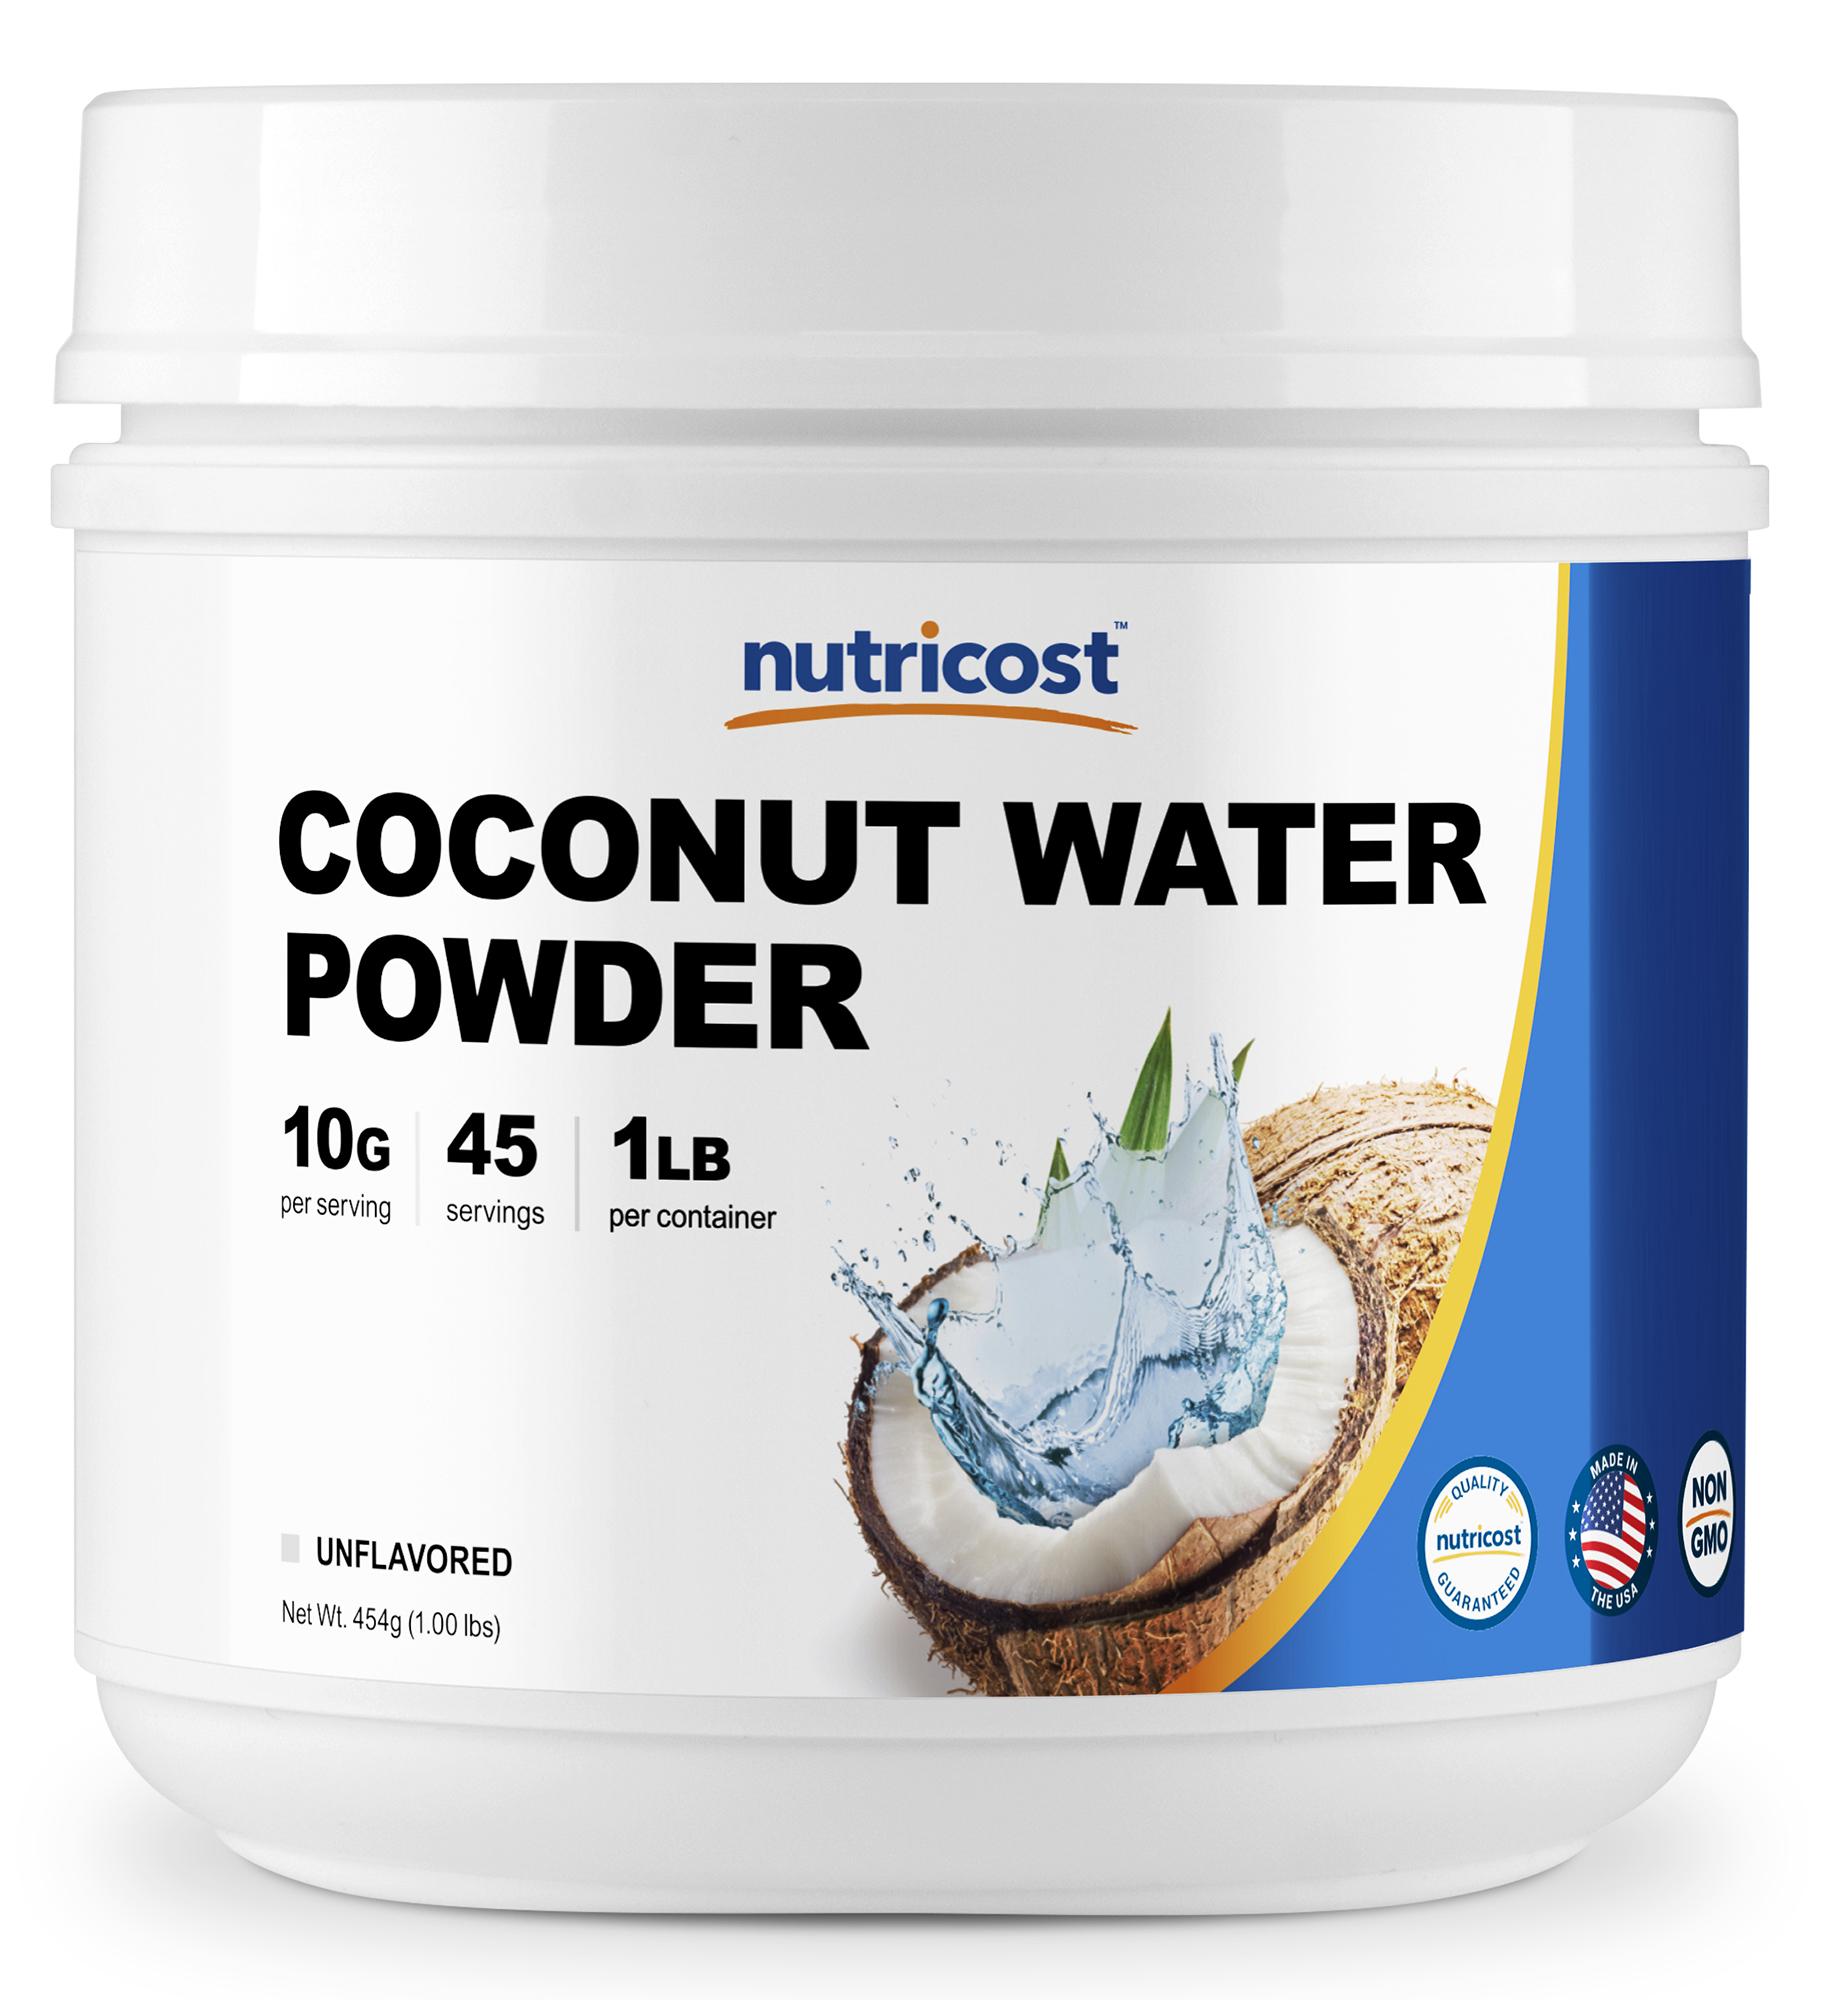 Nutricost Coconut Water Powder 1LB (45 Servings) - Non-GMO, Pure Coconut Water Powder